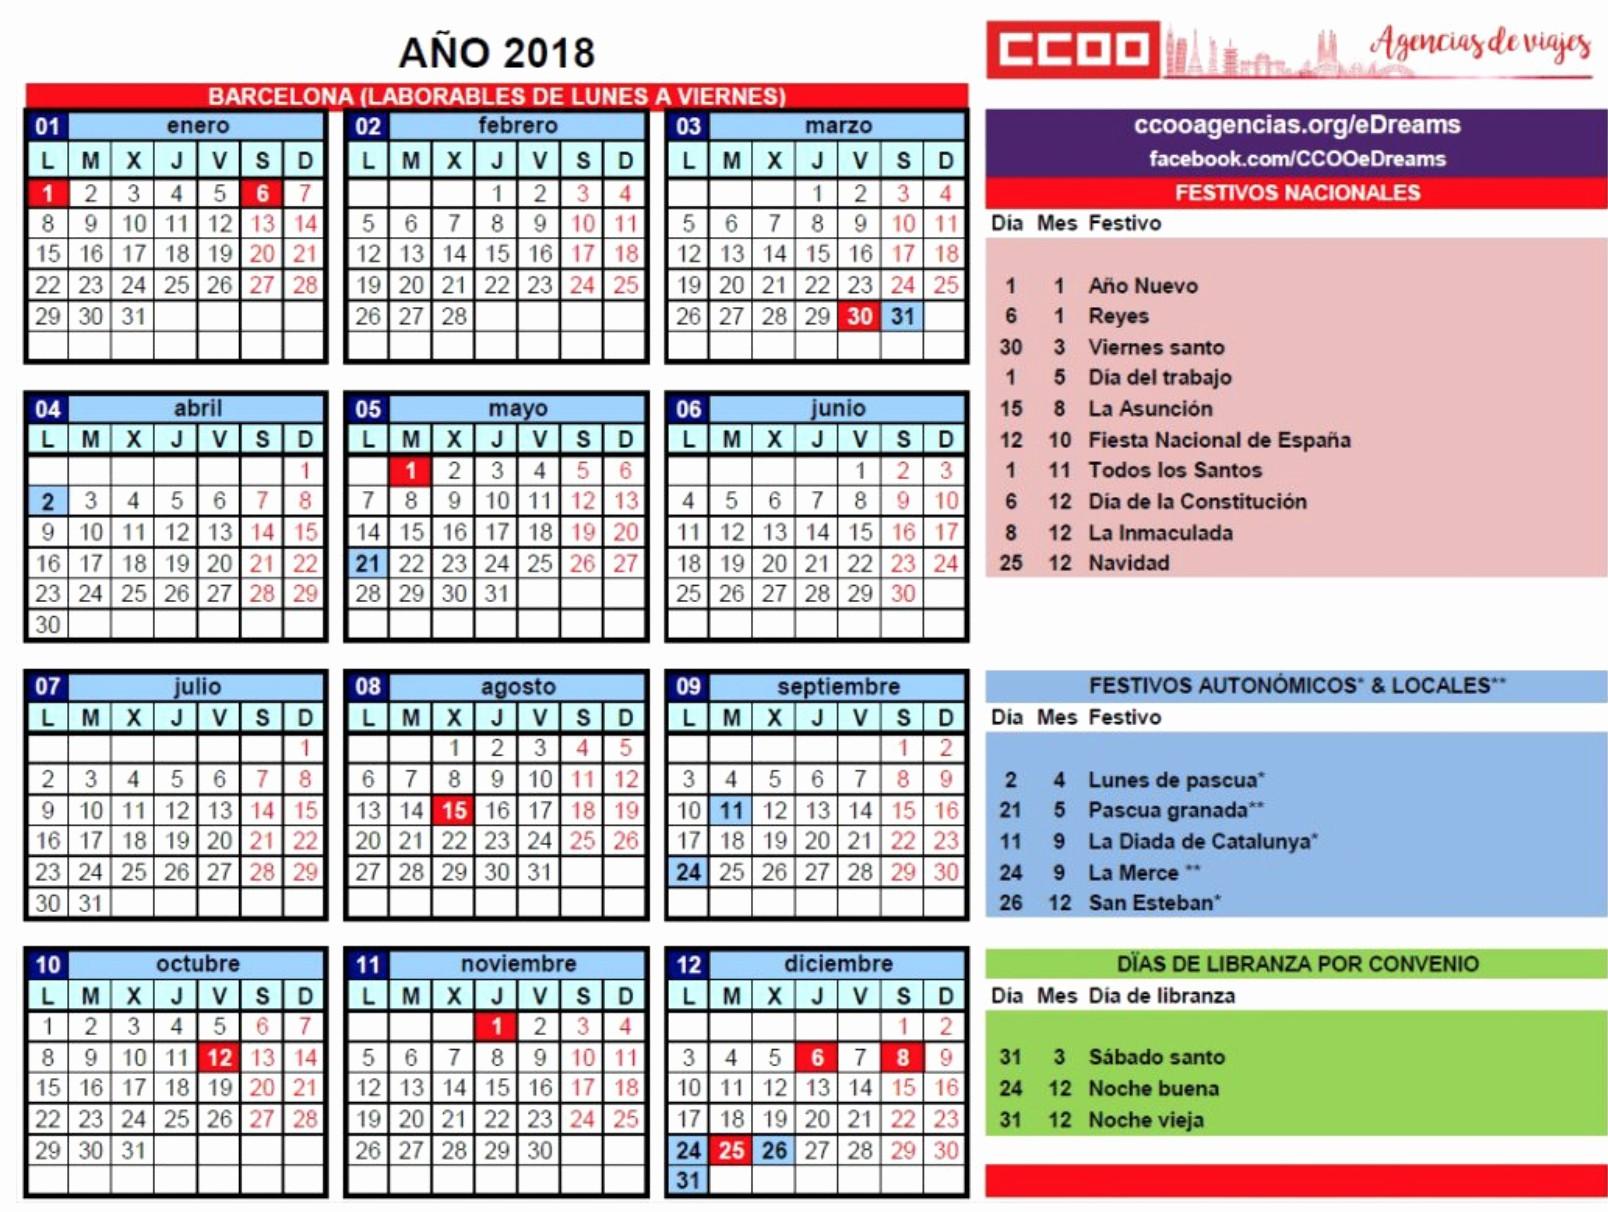 Calendario Febrero 2019 Argentina Para Imprimir Gratis Más Reciente Beautiful 43 Dise±o 13 De Octubre De 2019